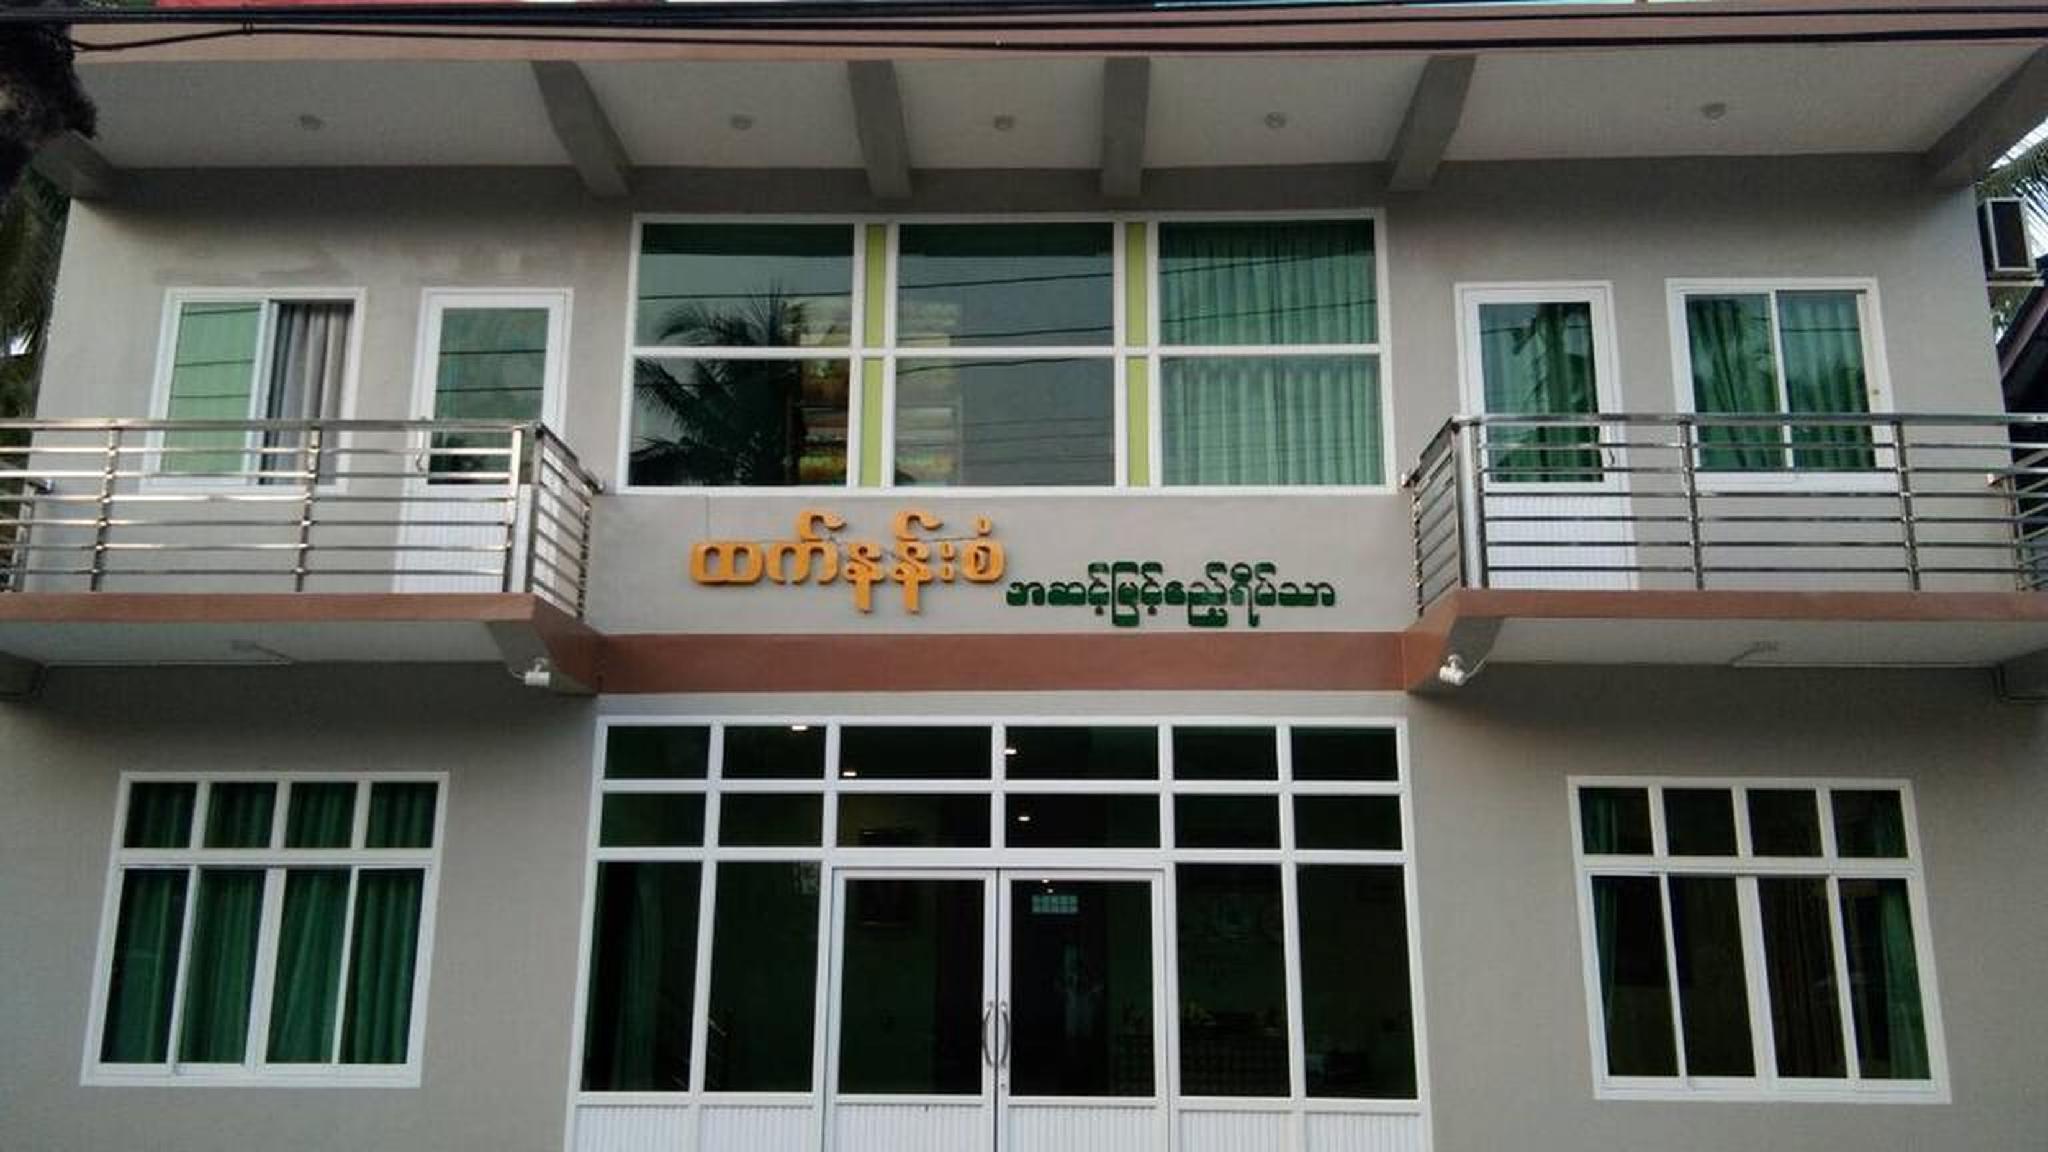 Htet Nan San Lodge